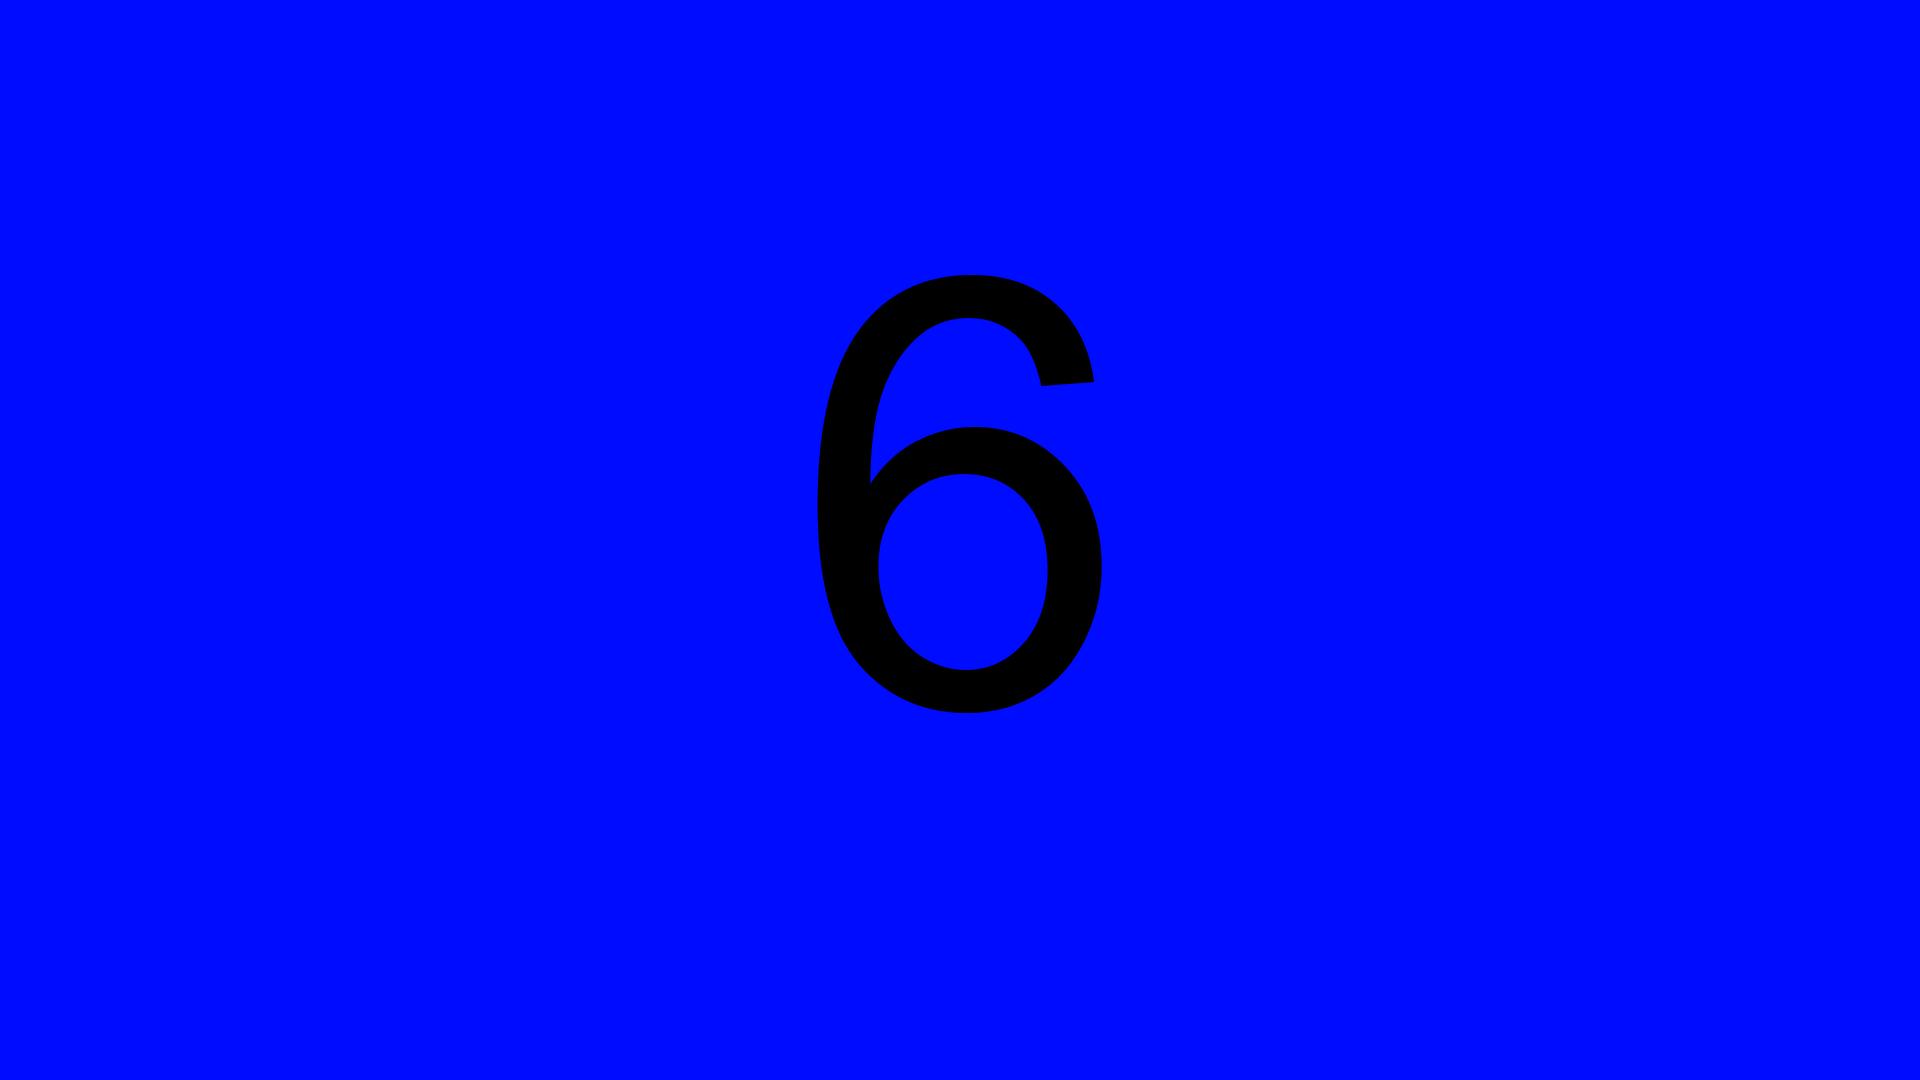 Blue_06